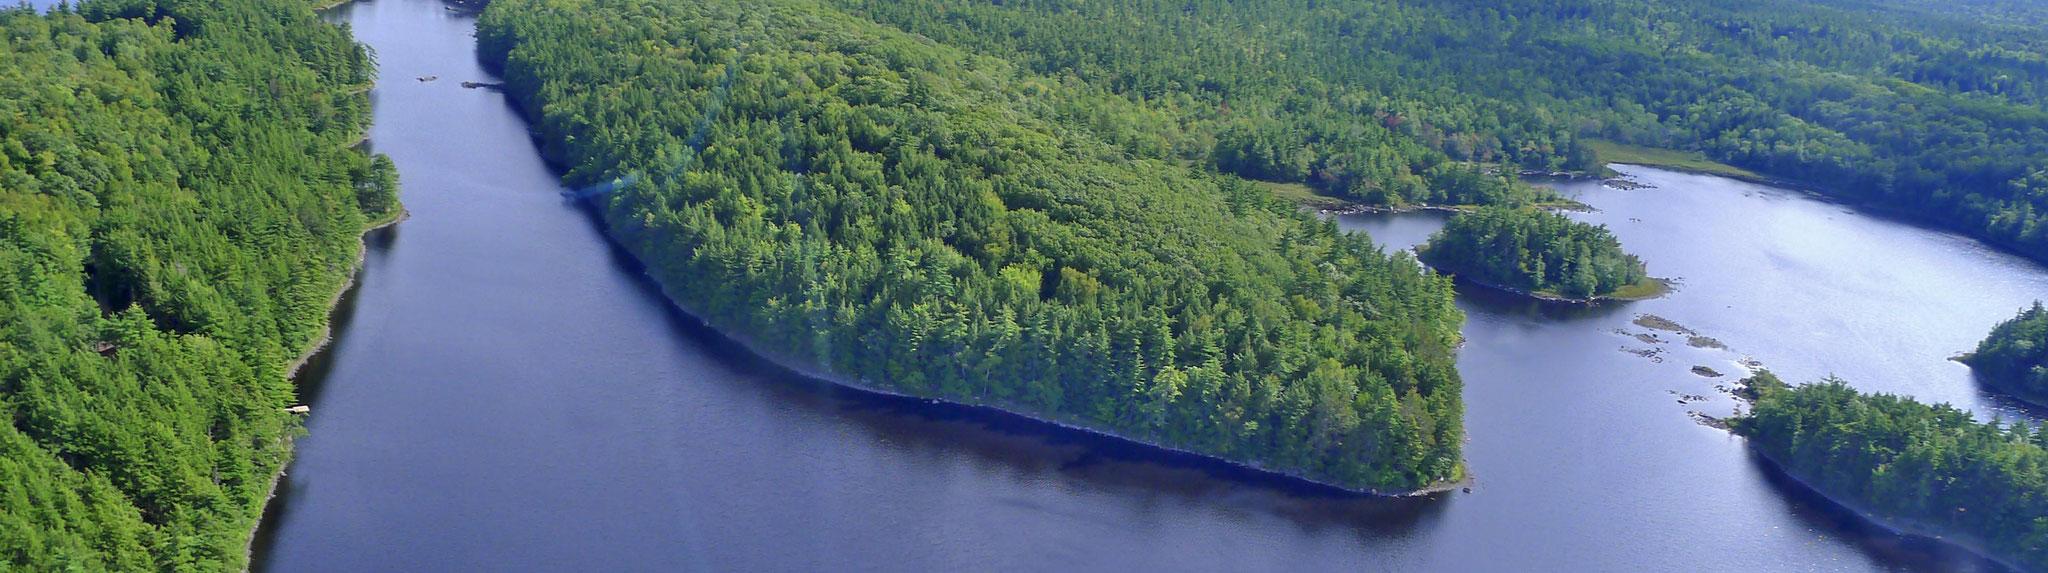 title:Ponhook Estate,title2:See-Grundstück,provinz:Nova Scotia,bezirk:Lunenburg,art:Ferienimmobilie,flaeche:104 ha,ufer:1.100 Meter,preis:verkauft